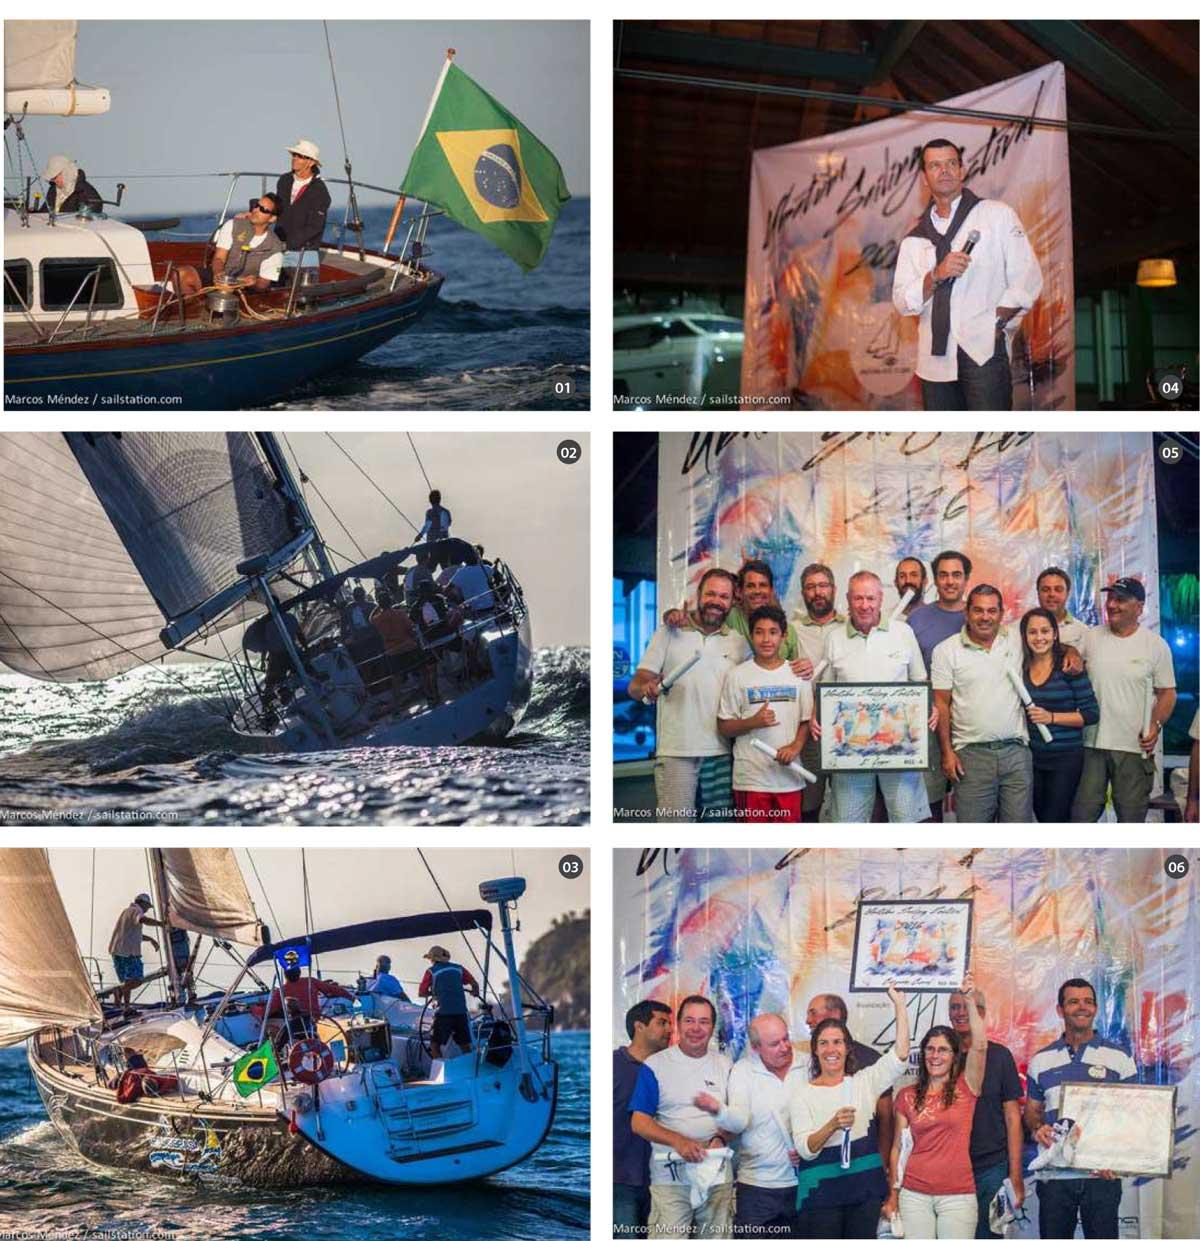 Ubatuba-Sailing-Festiva--2016_rotated-2